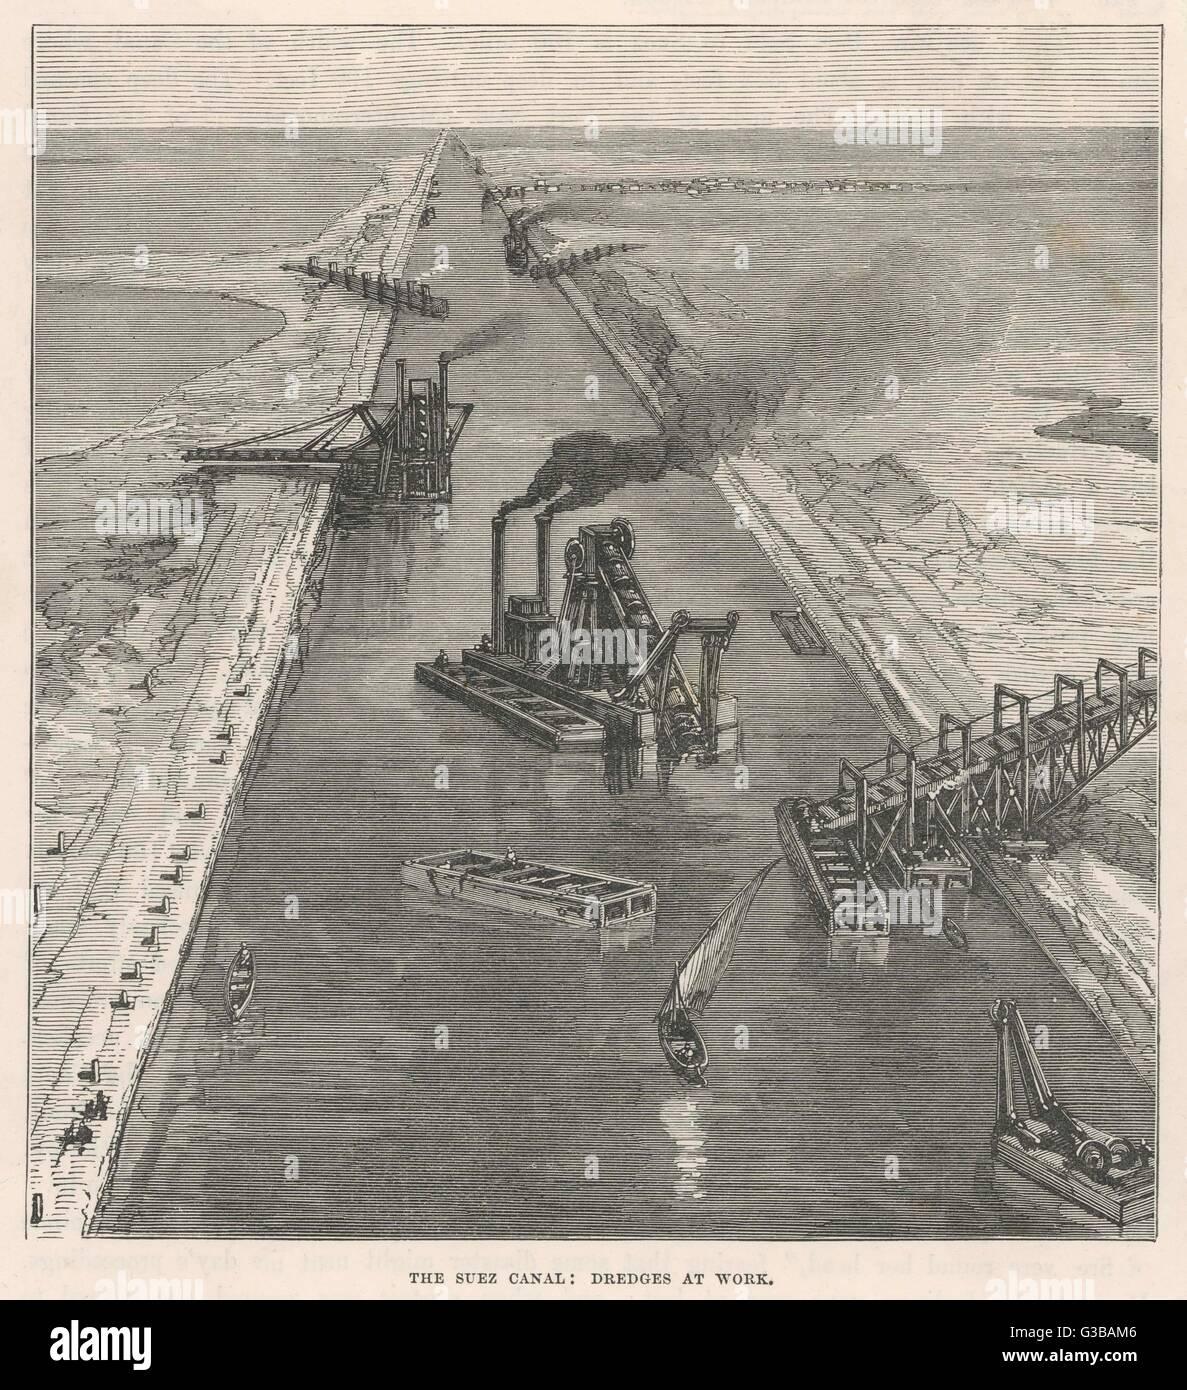 Baggerarbeiten einen teilweise fertig gestellte Abschnitt des Kanals, in den frühen Phasen der Konstruktion. Stockbild